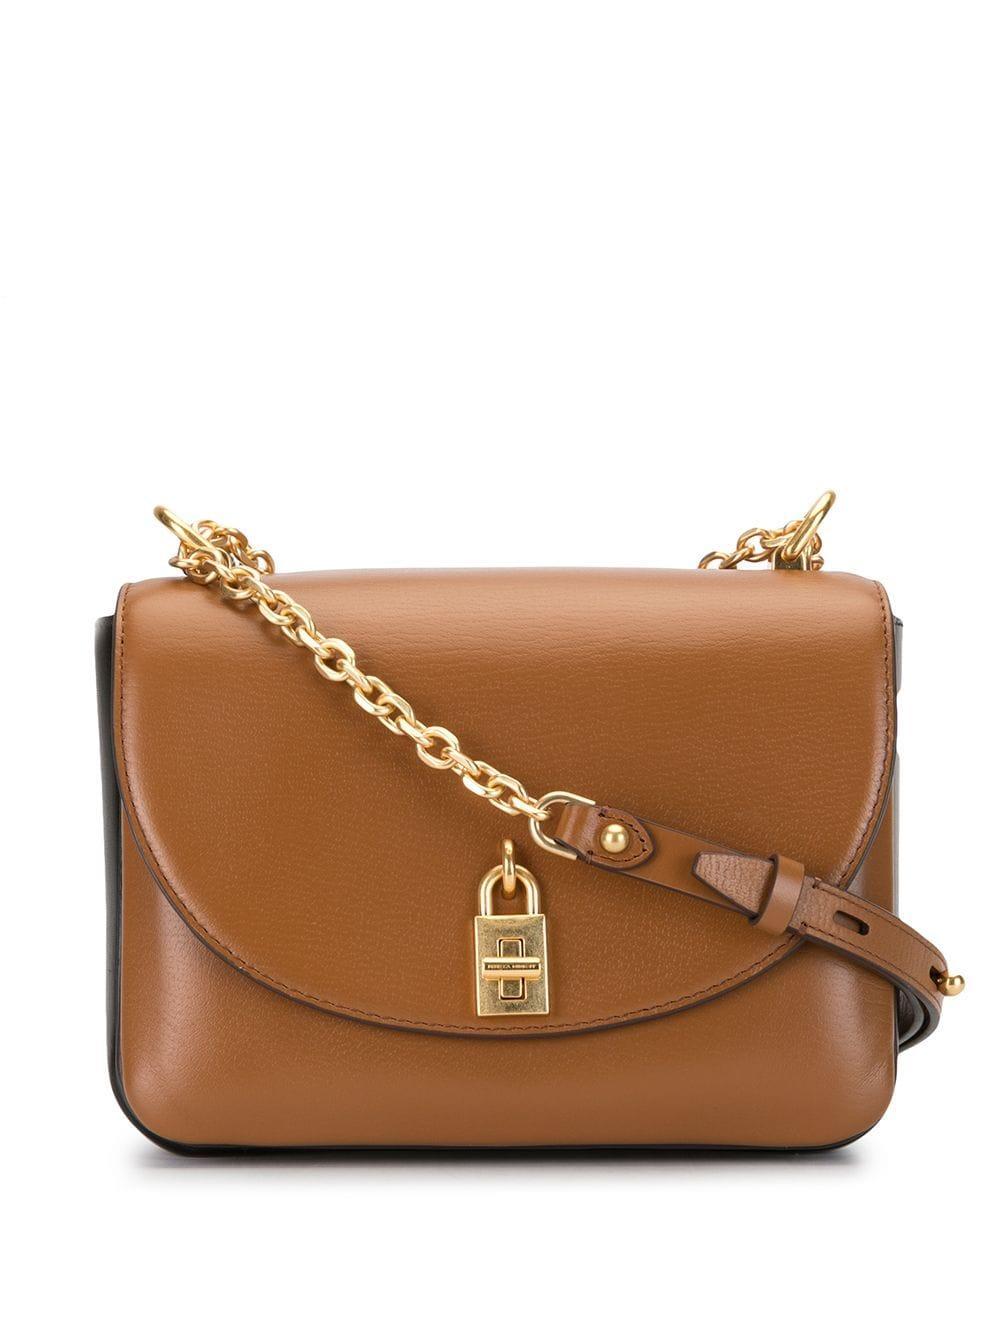 Love Too Shoulder Bag Item # HH19SLTX86